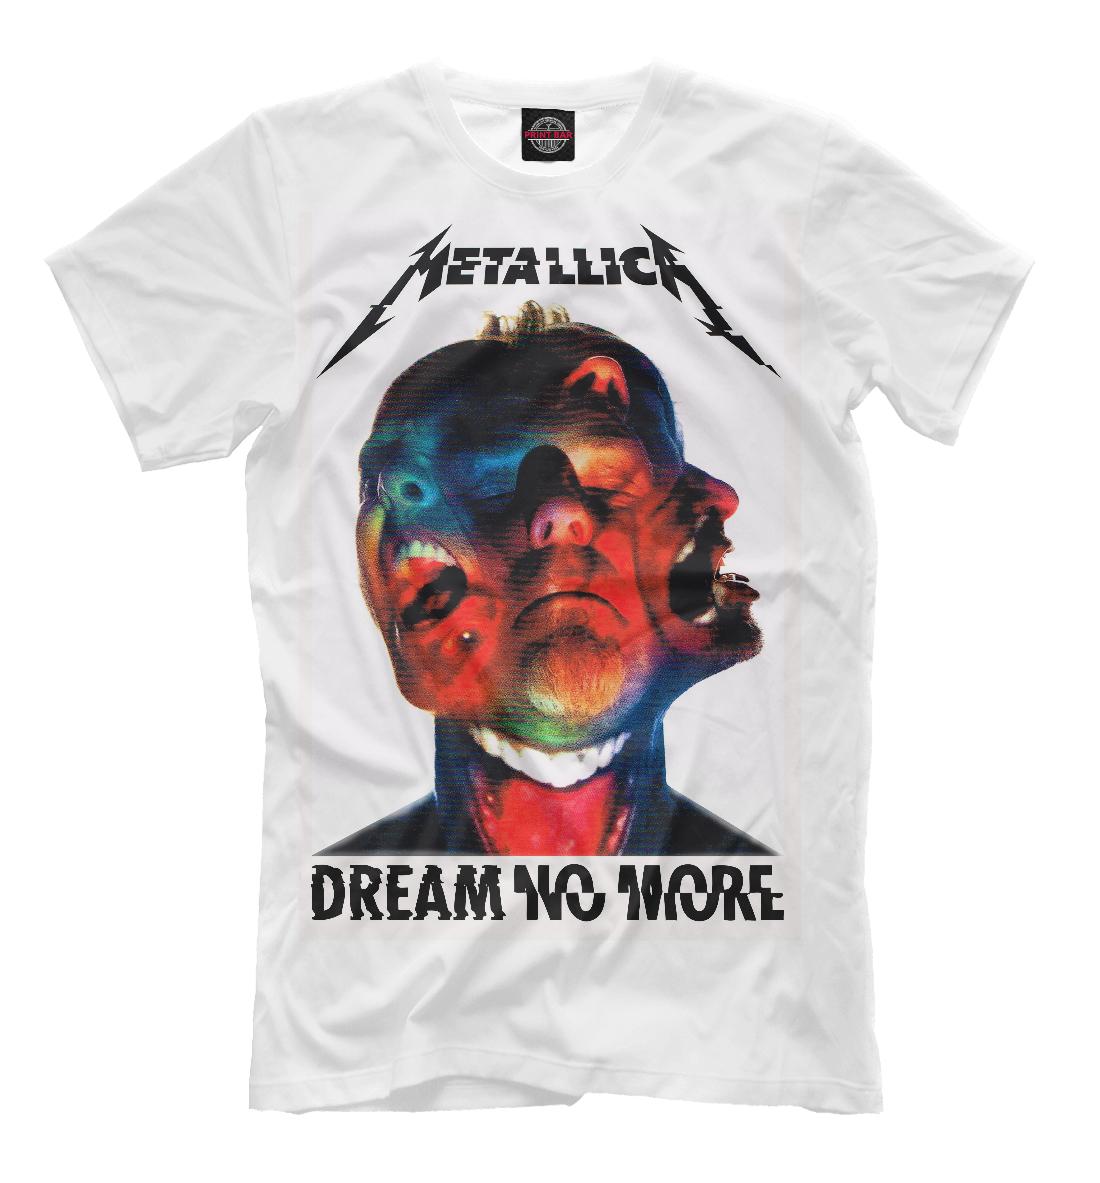 Купить Metallica Dream No More, Printbar, Футболки, MET-651214-fut-2